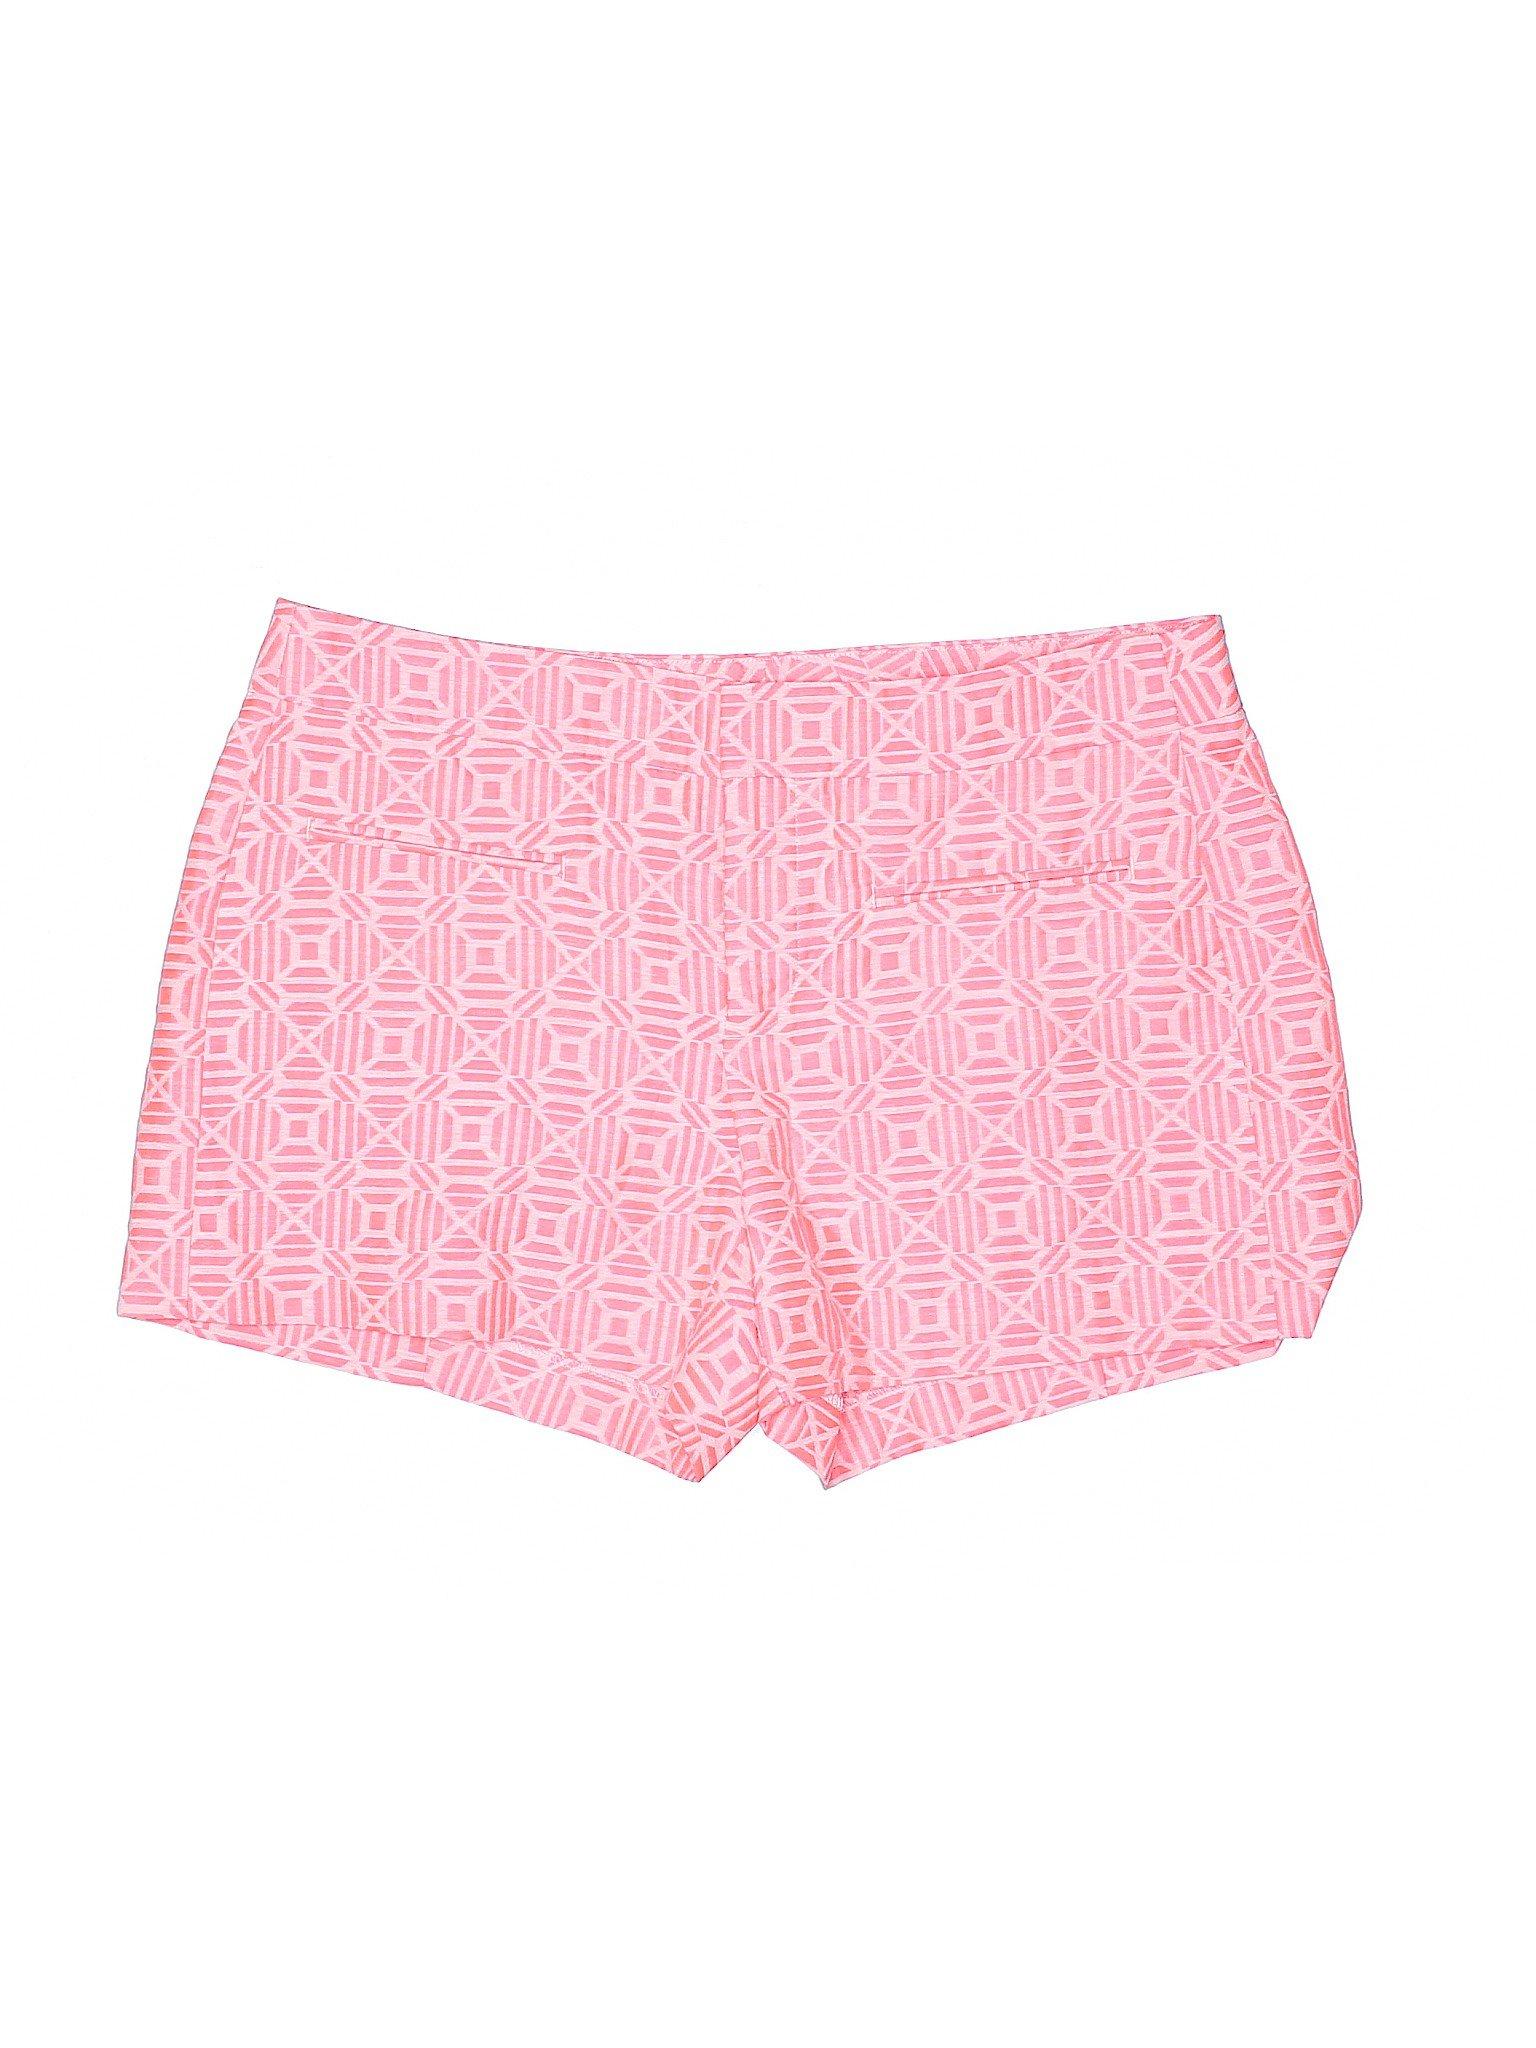 Boutique Gap Shorts Boutique Boutique Shorts Gap Yxd1TUU